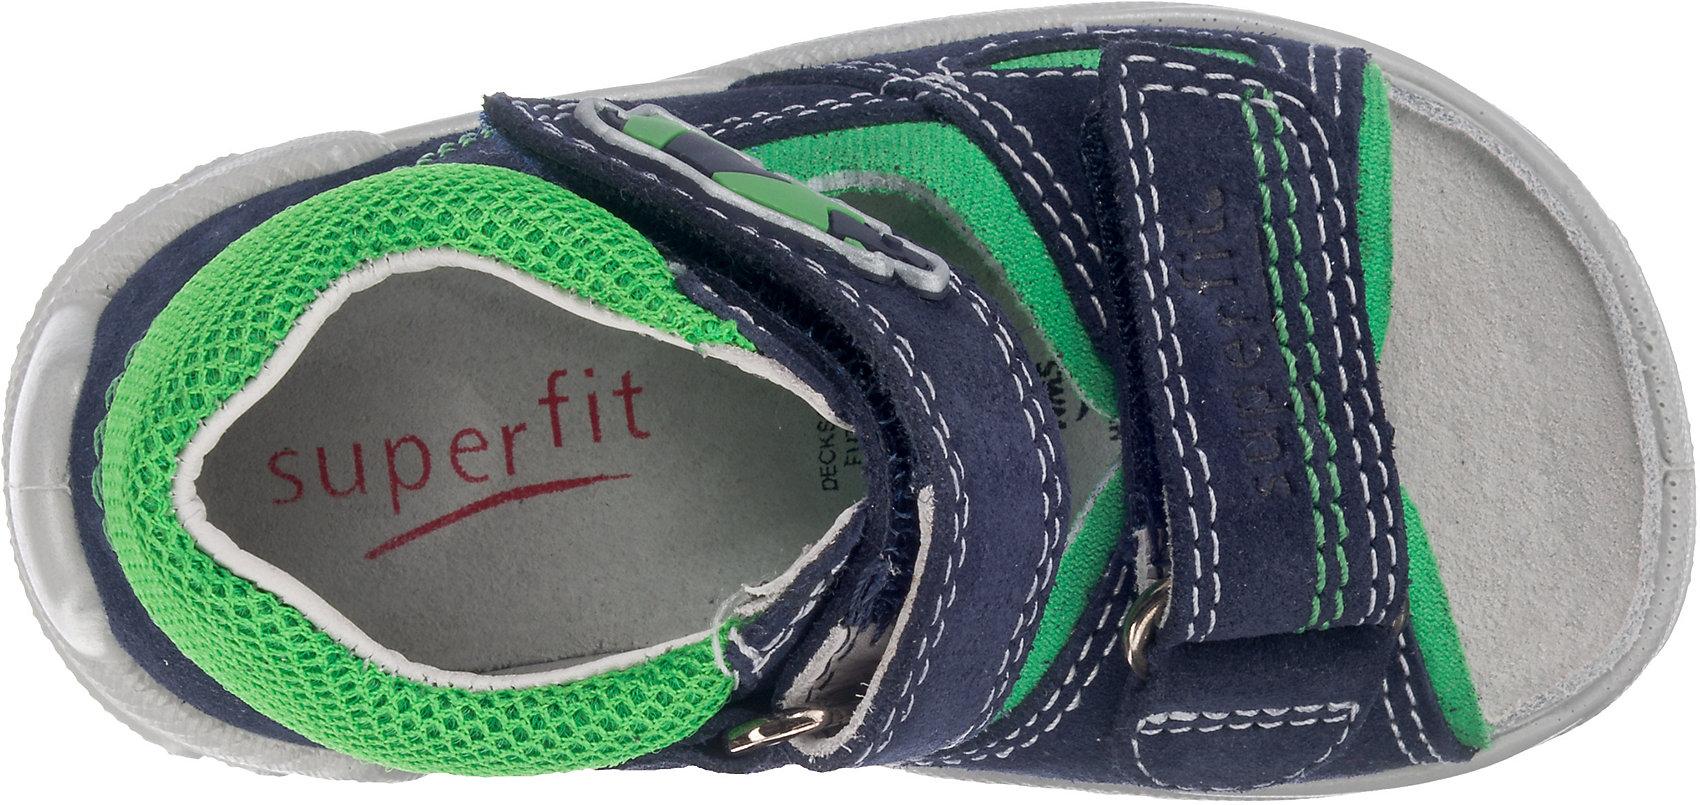 Details zu Neu superfit Baby Sandalen FLOW für Jungen, Weite M4 7206120 für Jungen